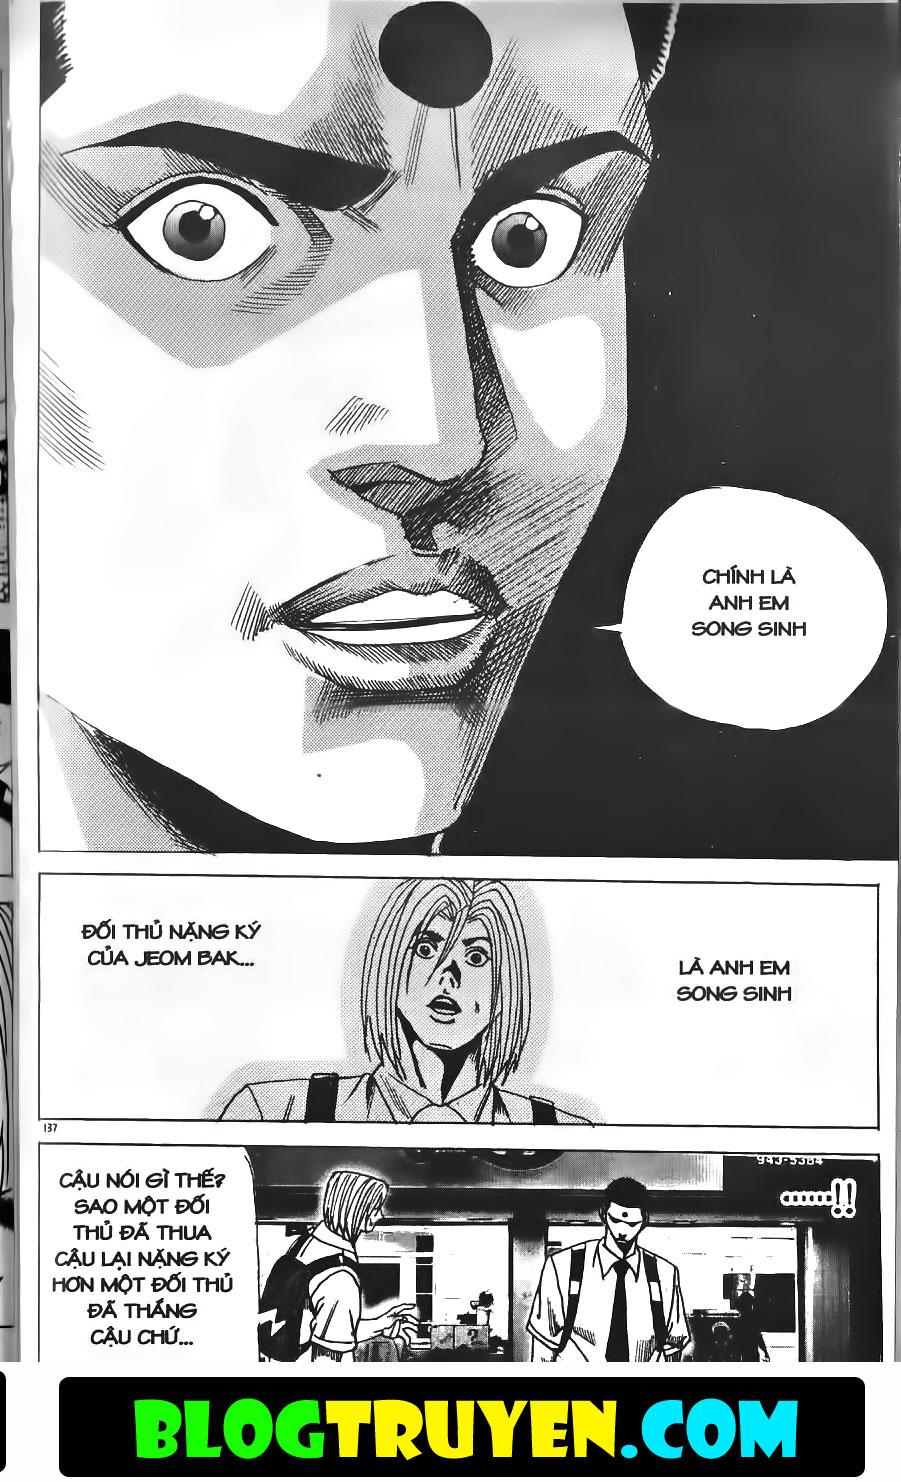 Bitagi - Anh chàng ngổ ngáo chap 182 trang 8